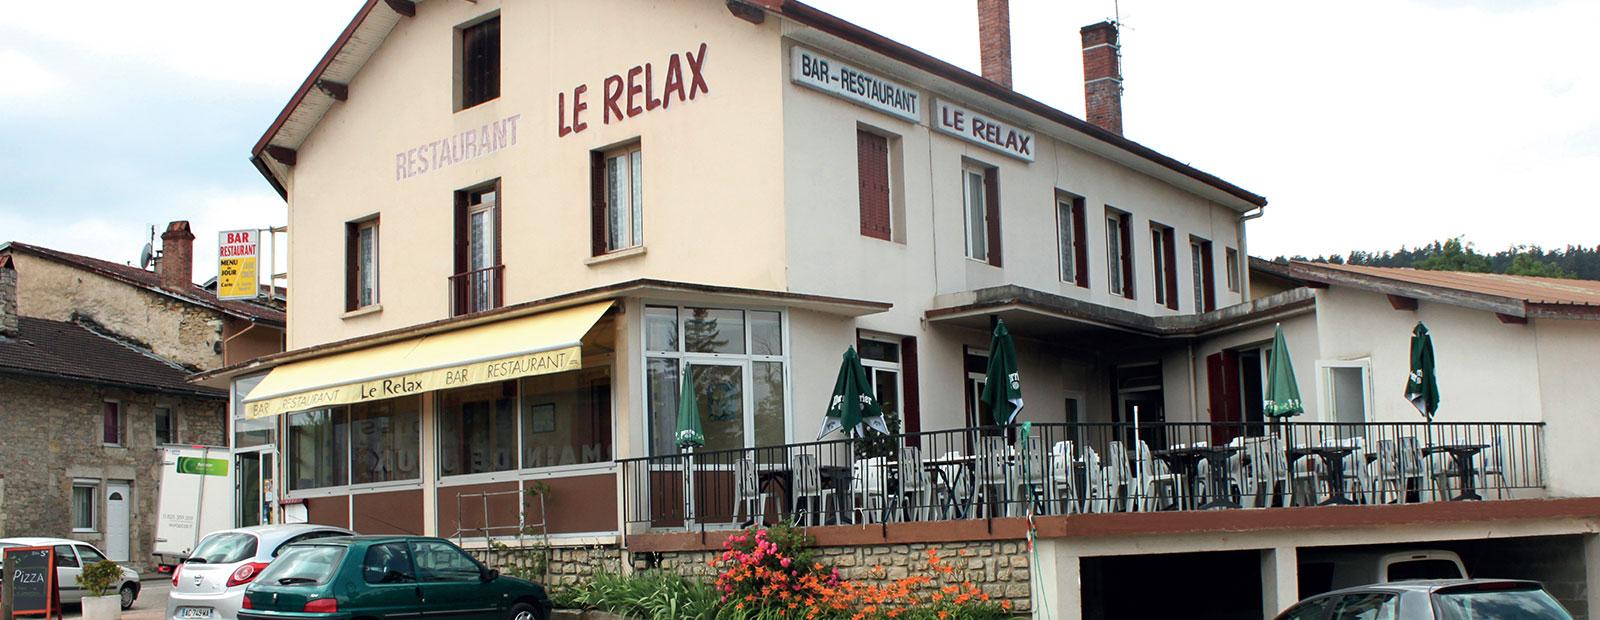 Exterieur-Le-relax